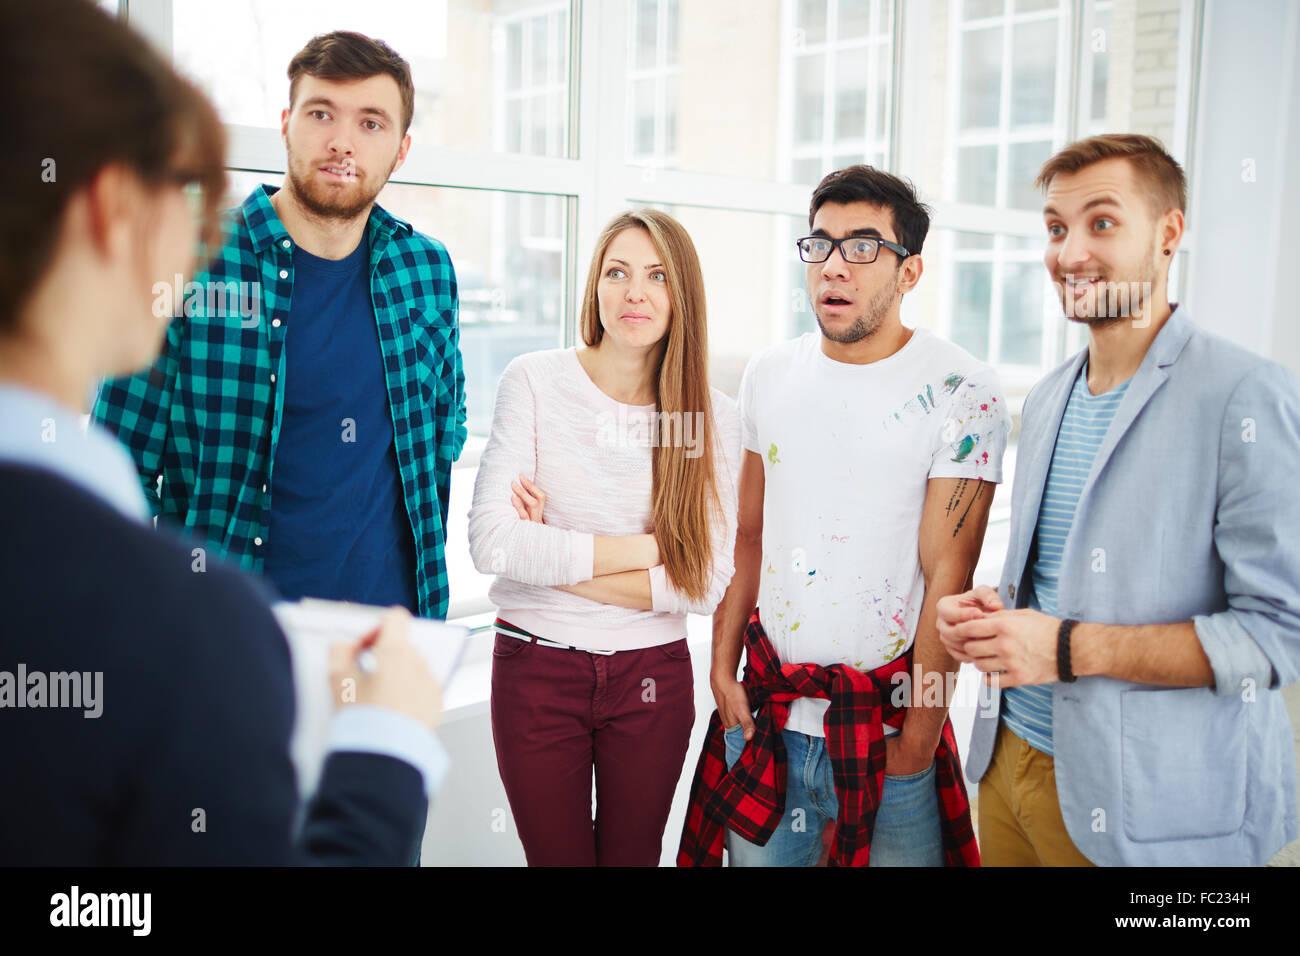 Gruppo di stupito i giovani guardando il loro amico in corso psicologico Immagini Stock